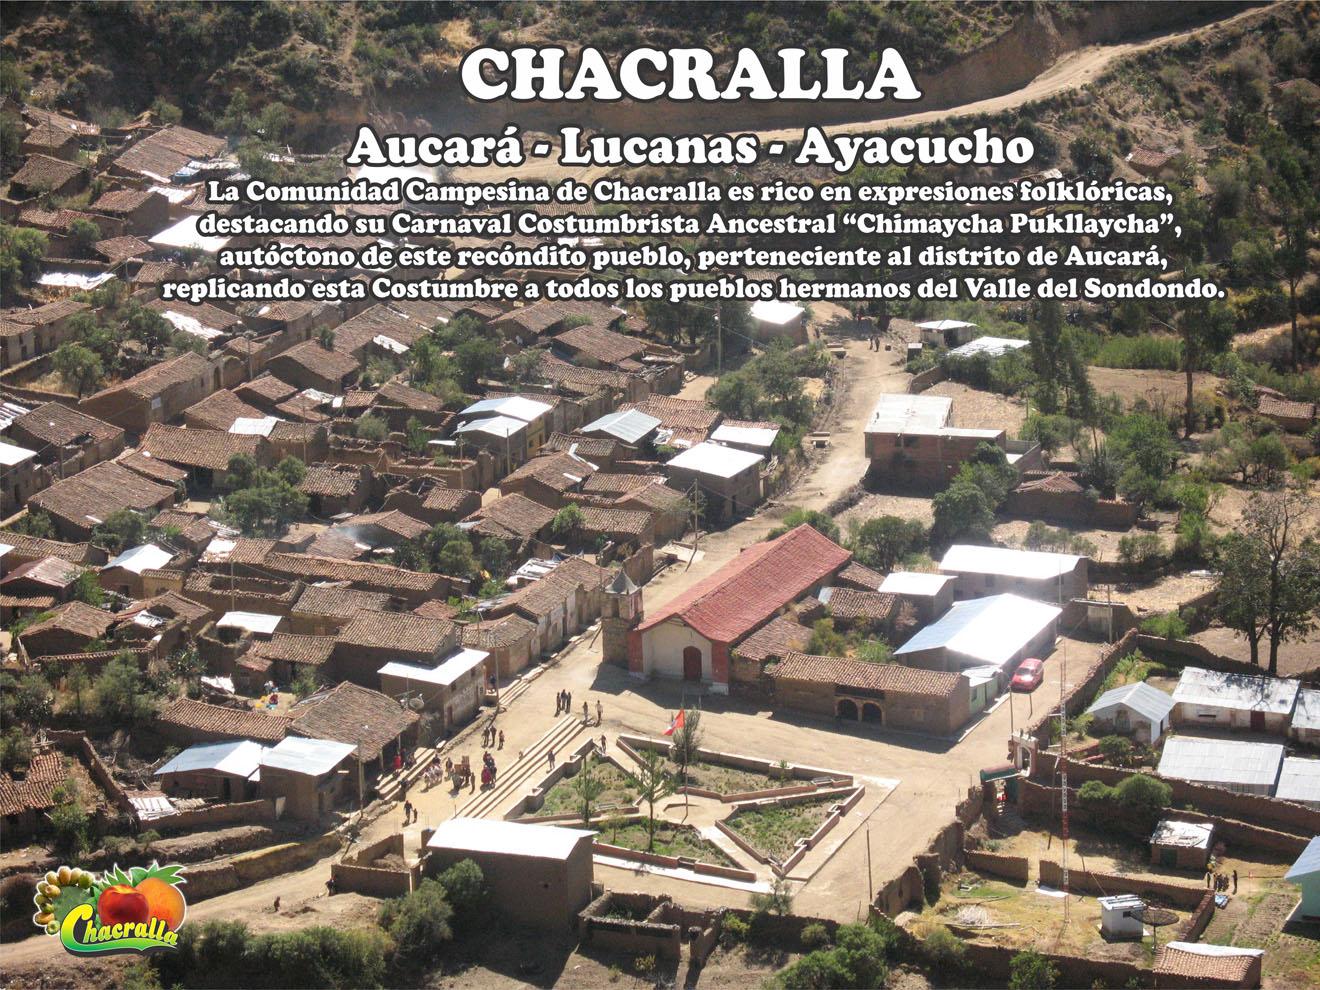 Vamos a Chimaycha De Chacralla 2016